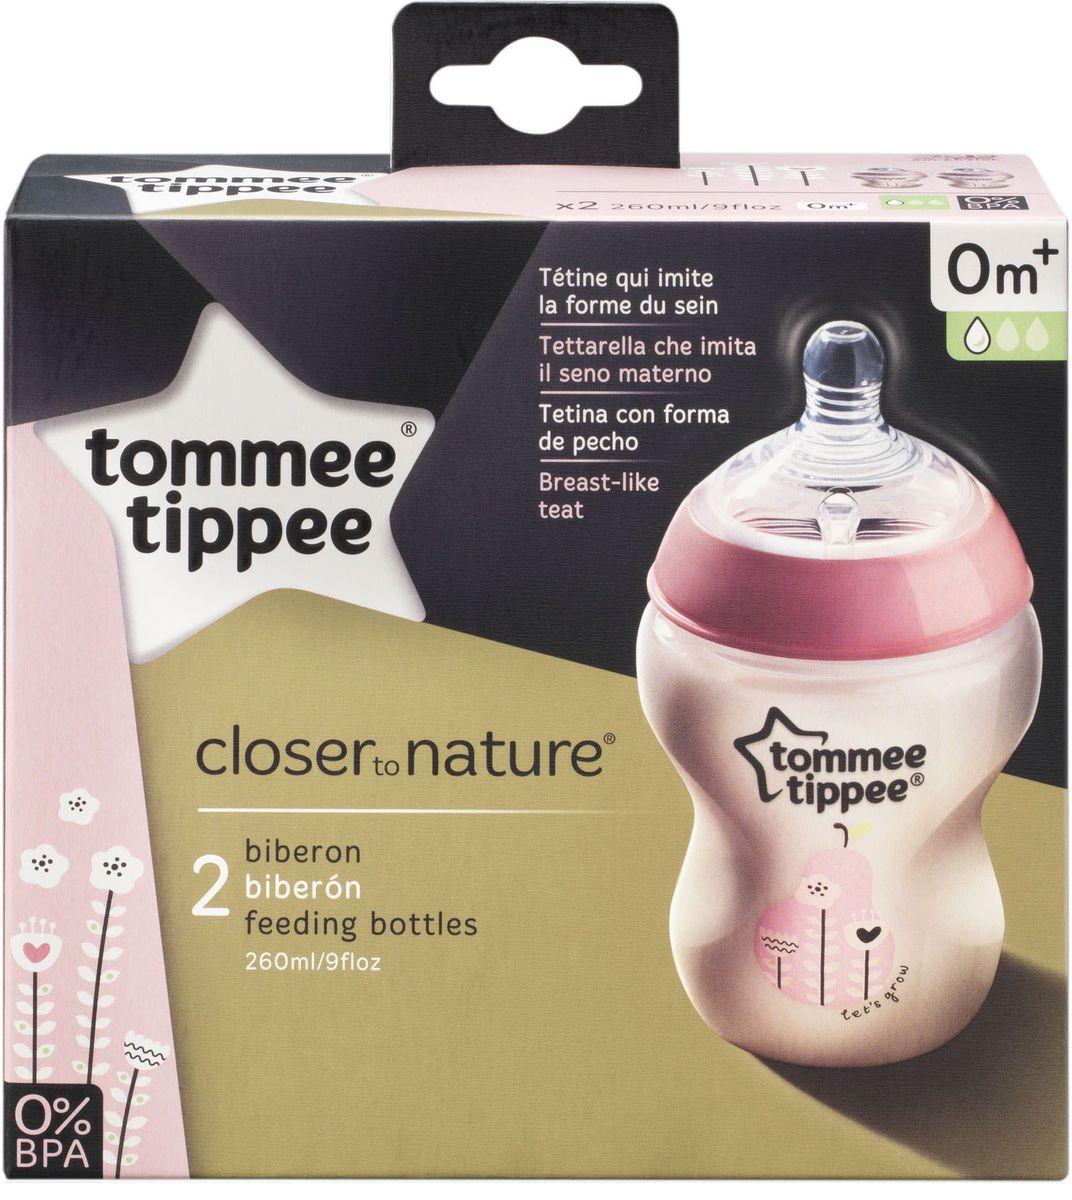 Tommee Tippee бутылочки для кормления с рисунком с антиколиковым клапаном цвет розовый 260 мл 2 шт. -  Бутылочки